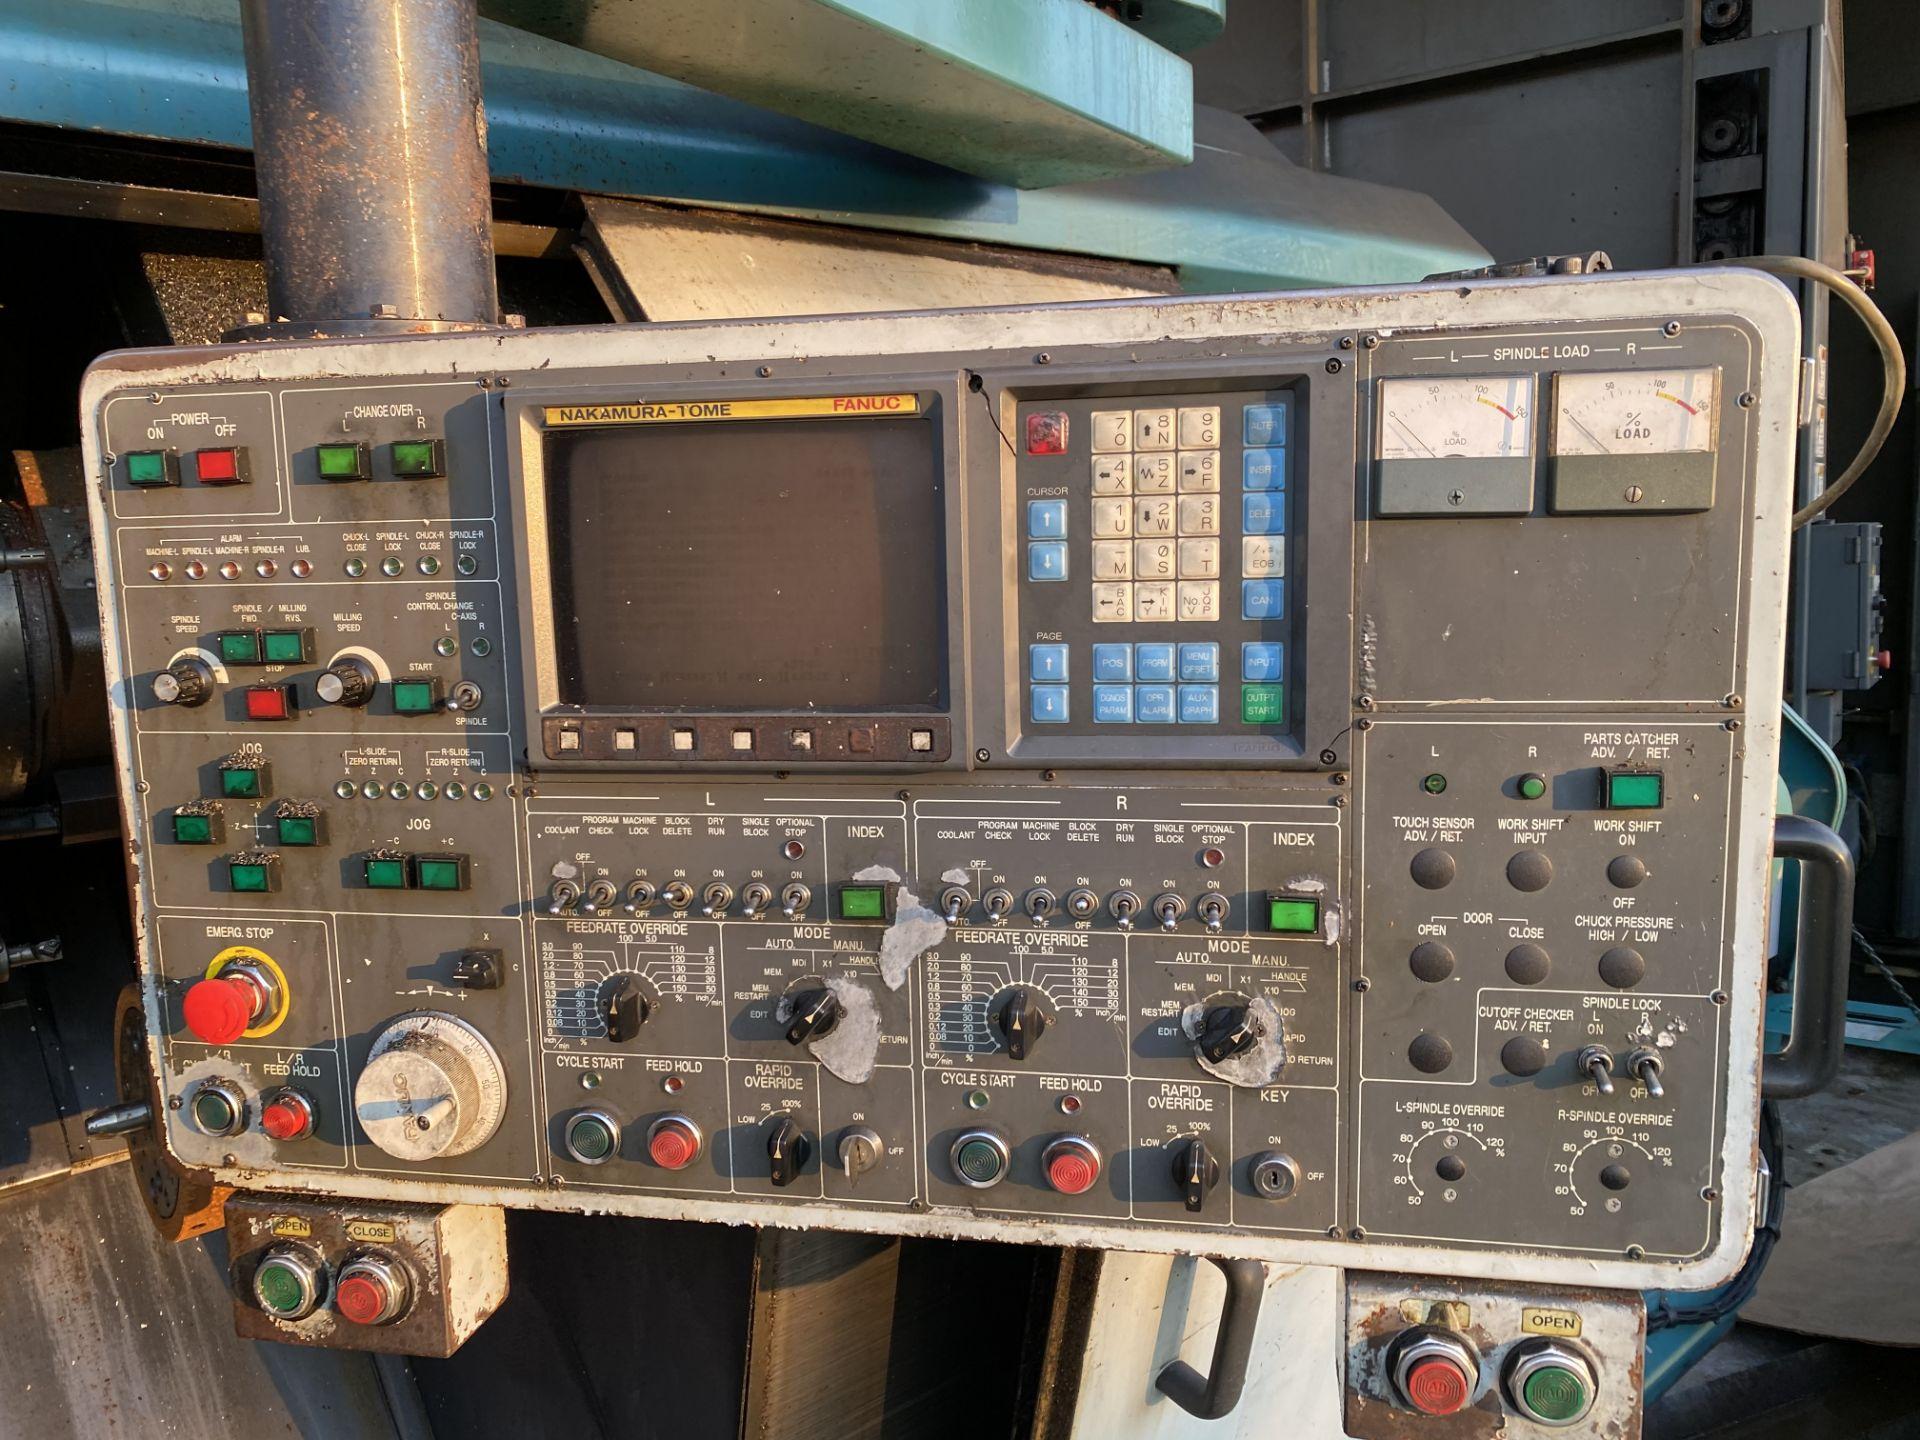 Nakamura-Tome #TW-30 CNC Lathe - Image 4 of 7